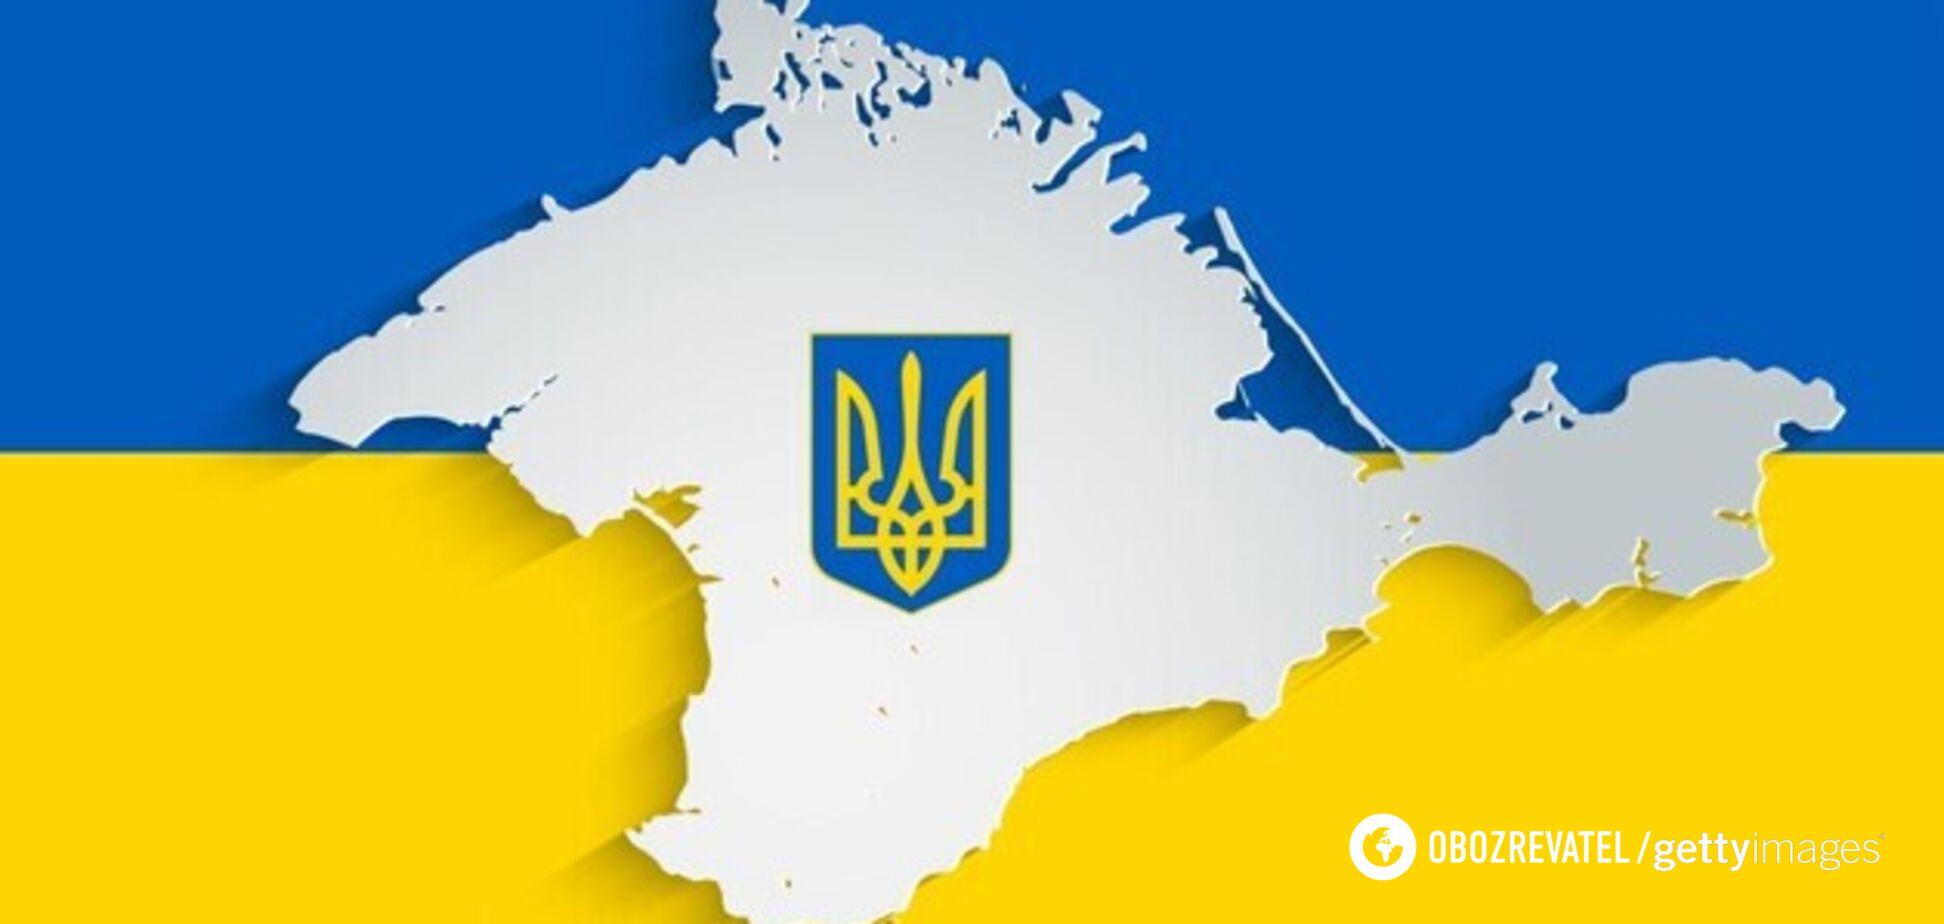 Новости Крымнаша. Мы начинаем понимать, что означало 'КРЫМ НАШ!'